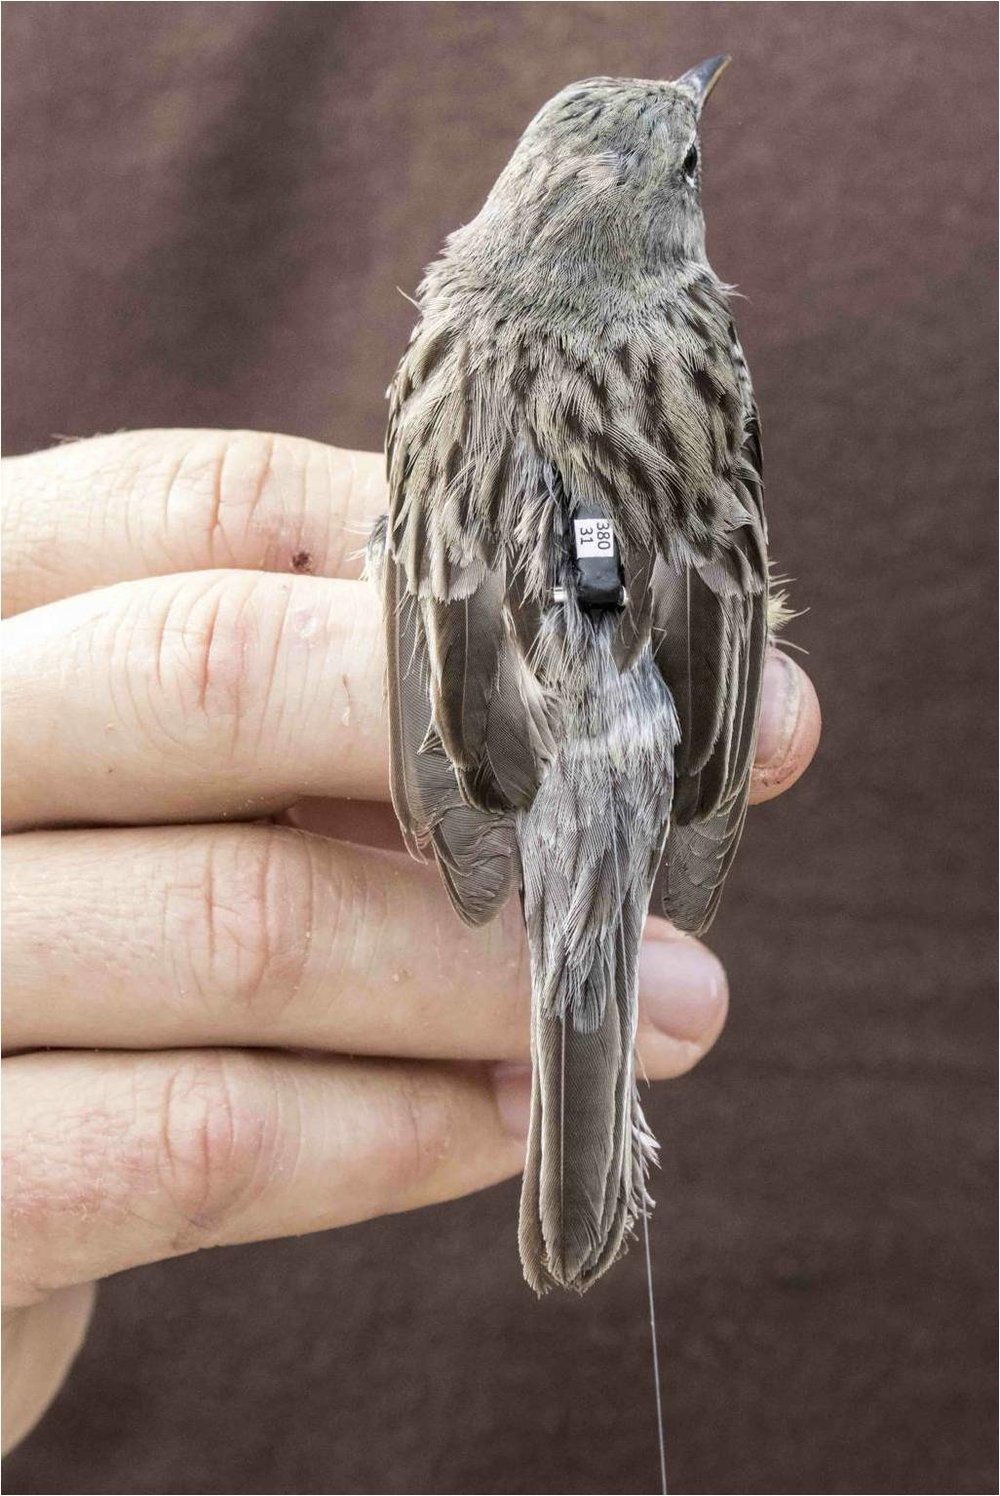 Kirtland's Warbler: Scott Weidensaul